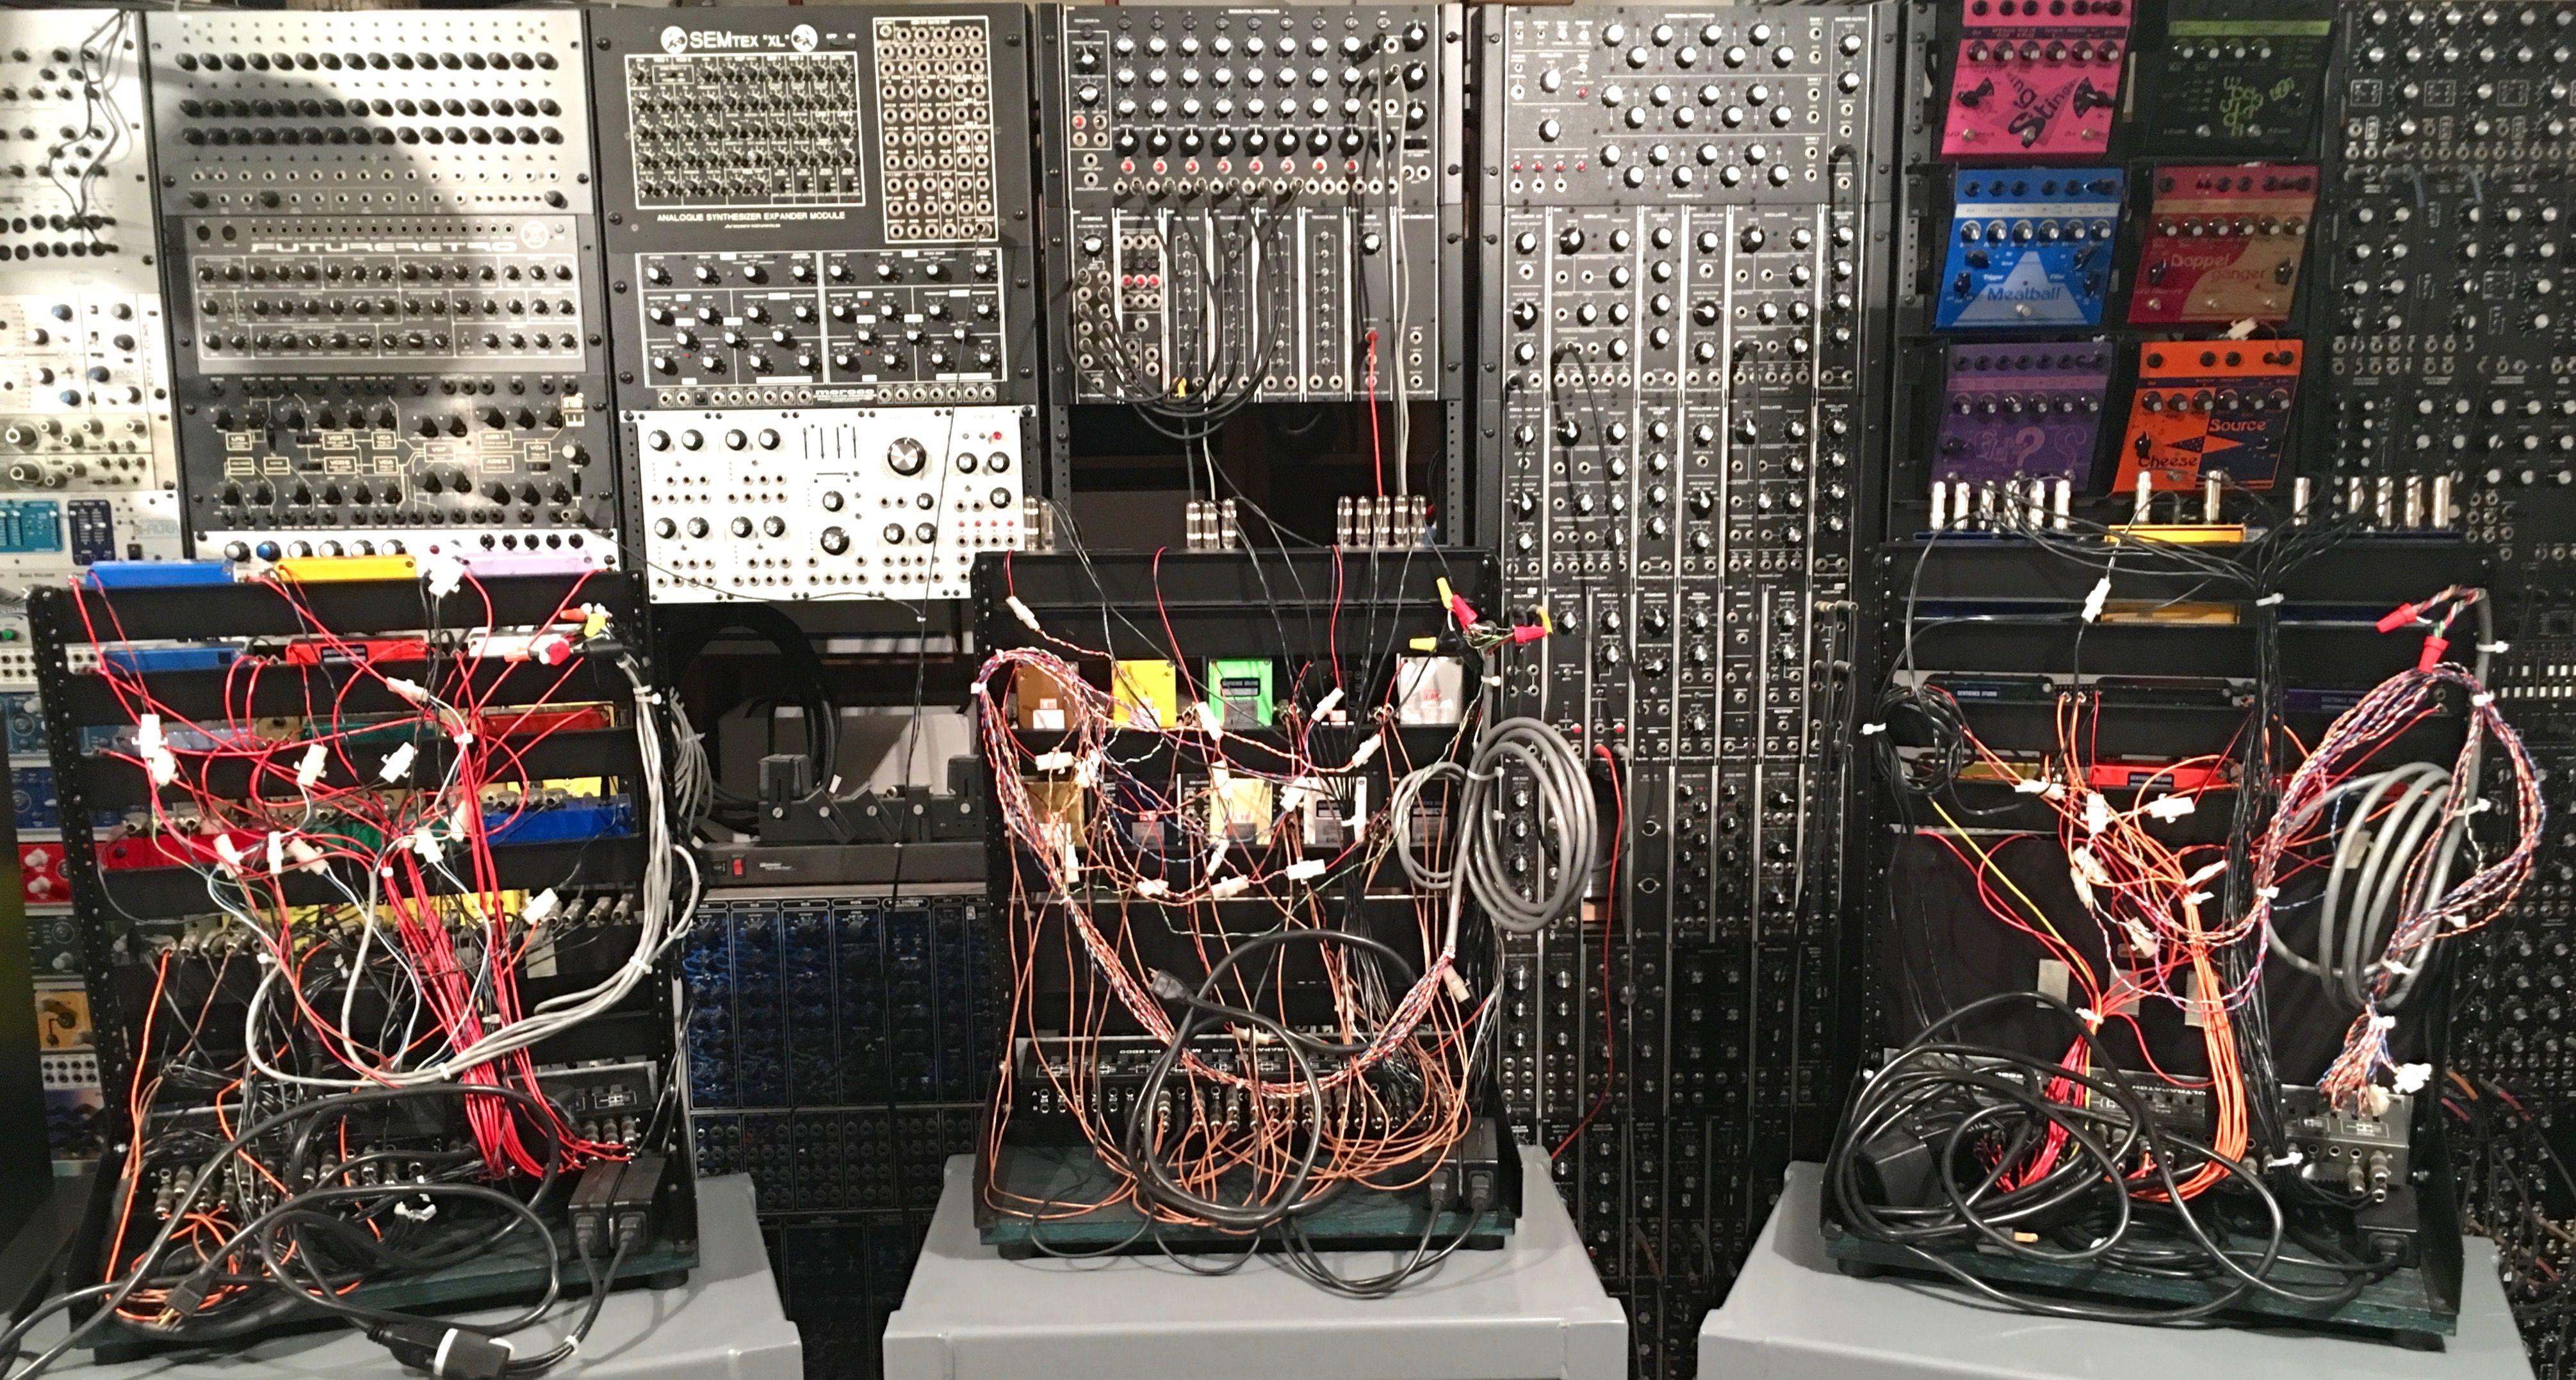 Back of FX racks